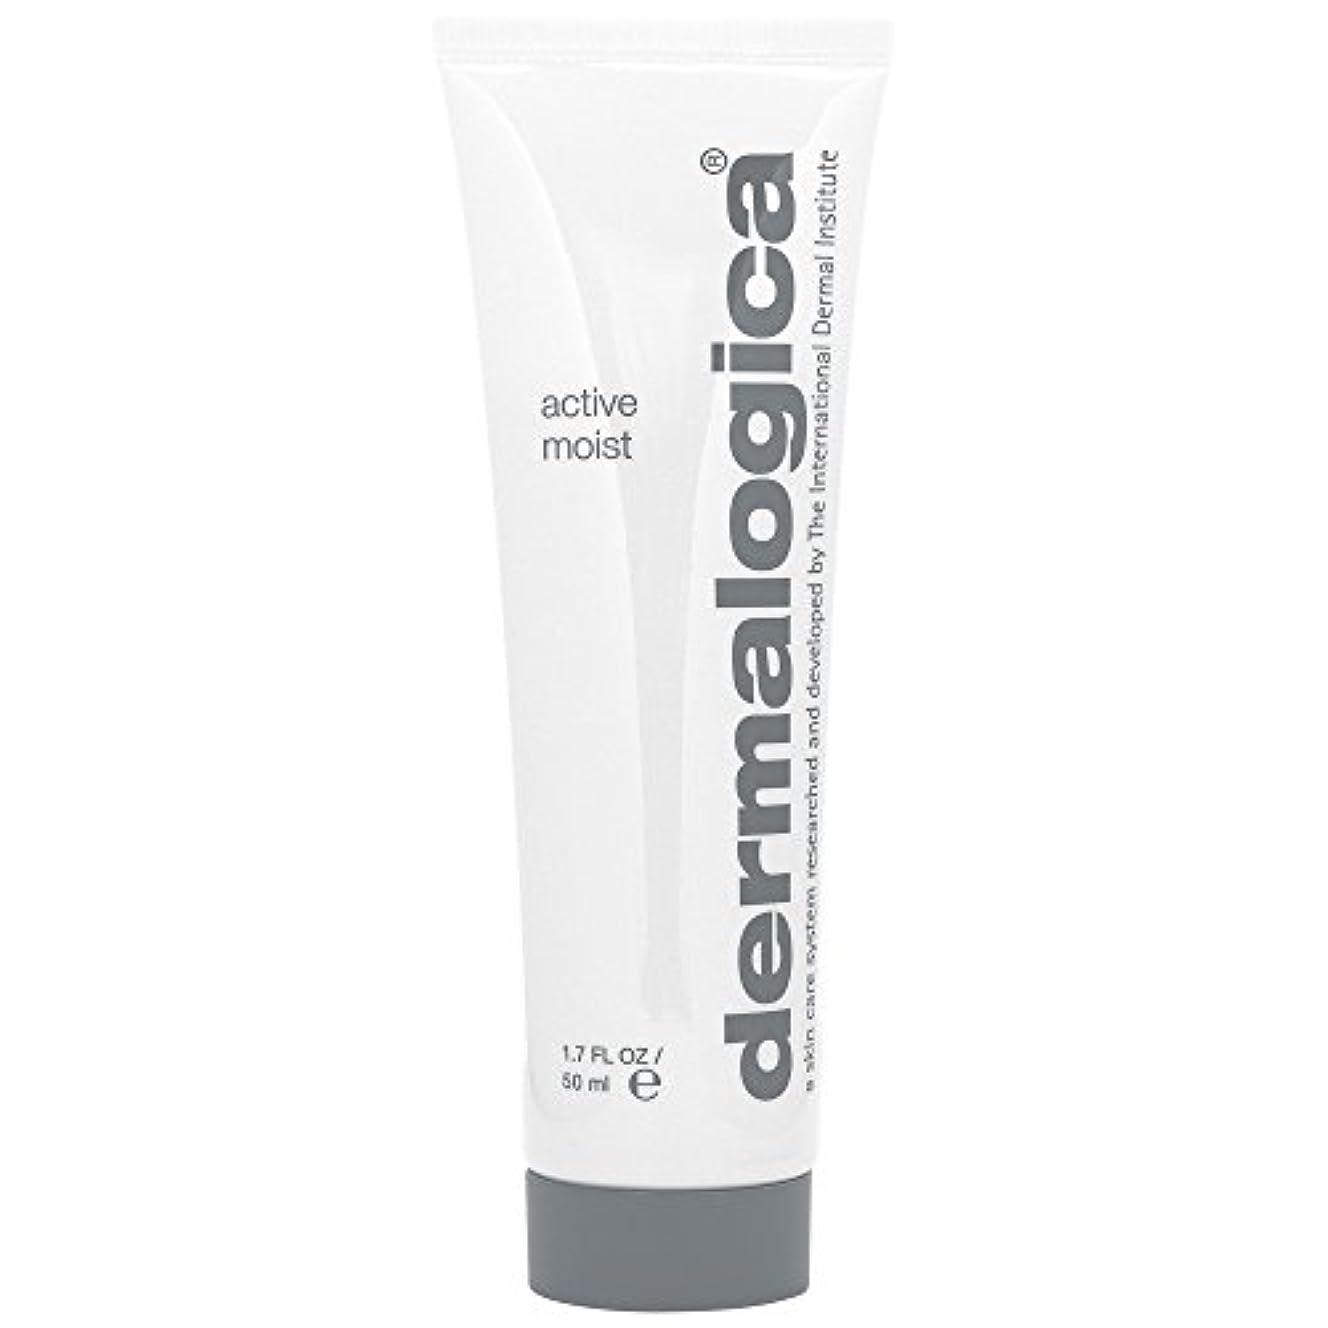 聖人子豚殺人ダーマロジカアクティブ湿った顔の保湿剤の50ミリリットル (Dermalogica) (x2) - Dermalogica Active Moist Facial Moisturiser 50ml (Pack of 2)...